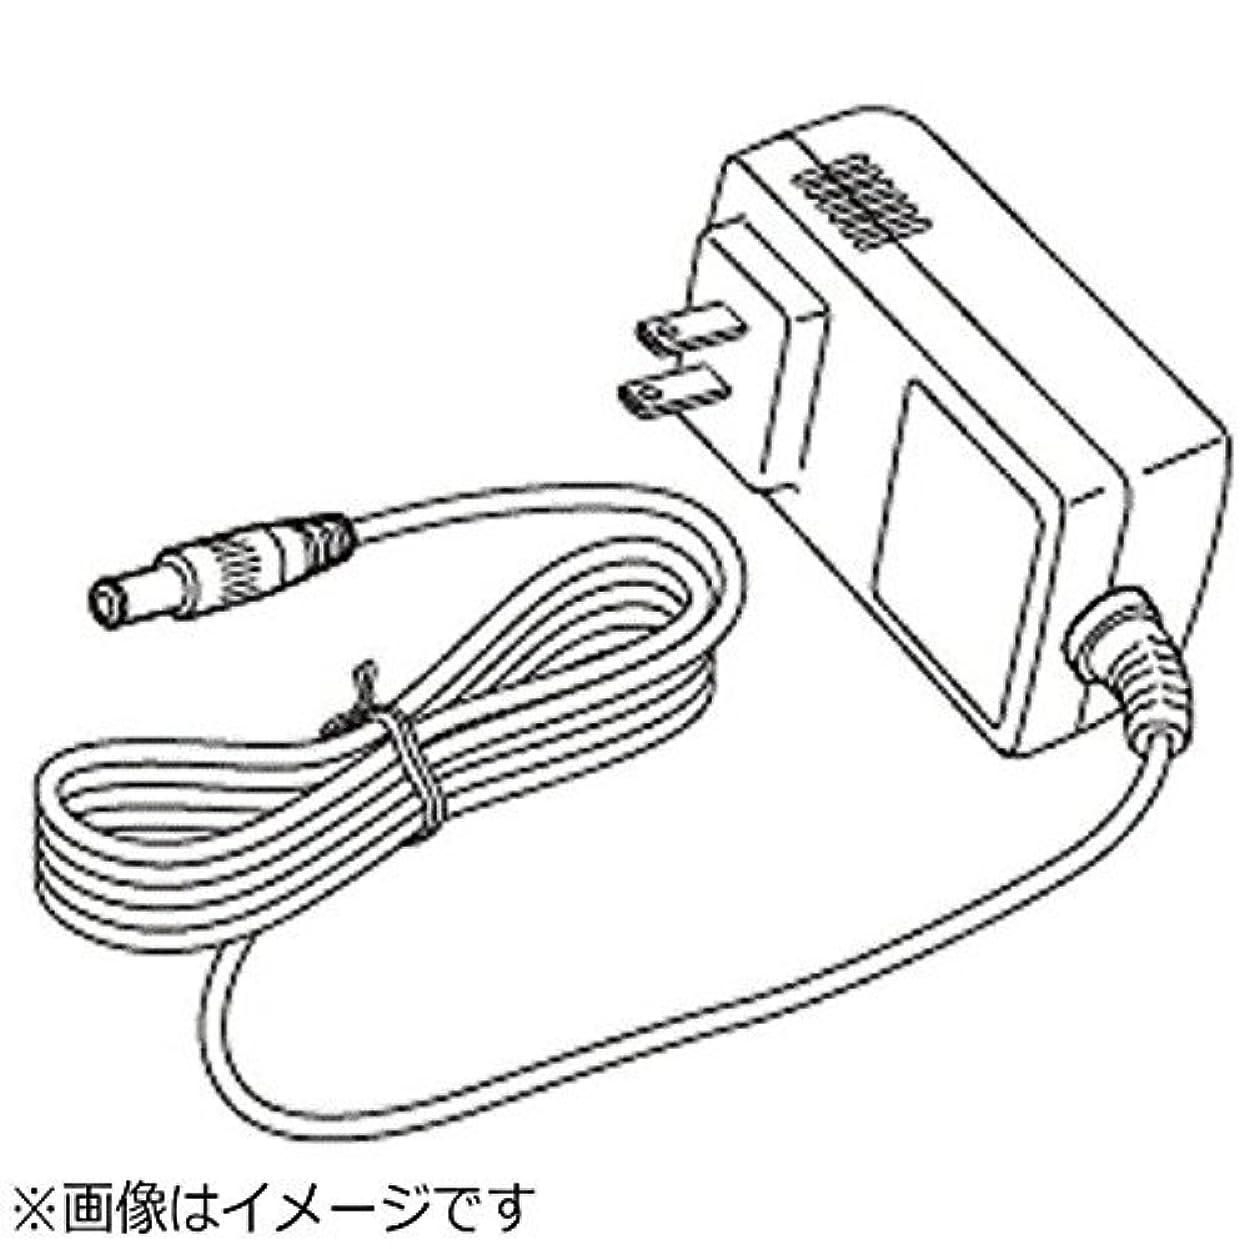 オムロン マッサージャ専用 ACアダプタOMRON HM-141-AC2